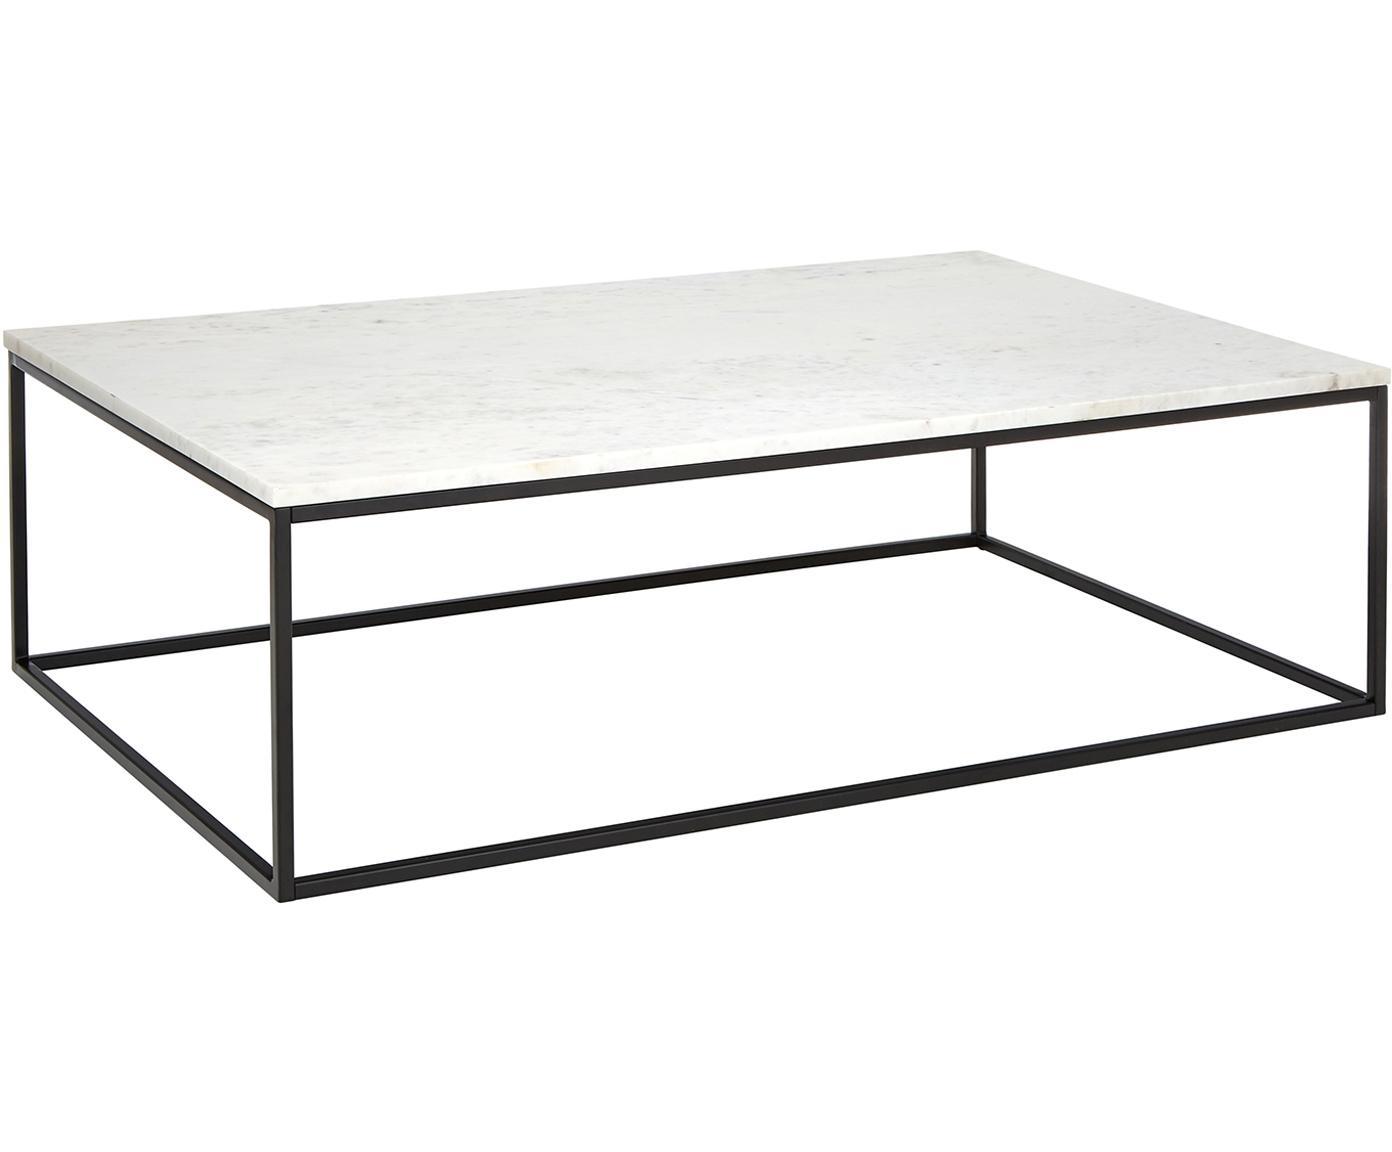 Marmor-Couchtisch Alys, Tischplatte: Marmor, Gestell: Metall, pulverbeschichtet, Weißer Marmor, Schwarz, B 120 x T 75 cm